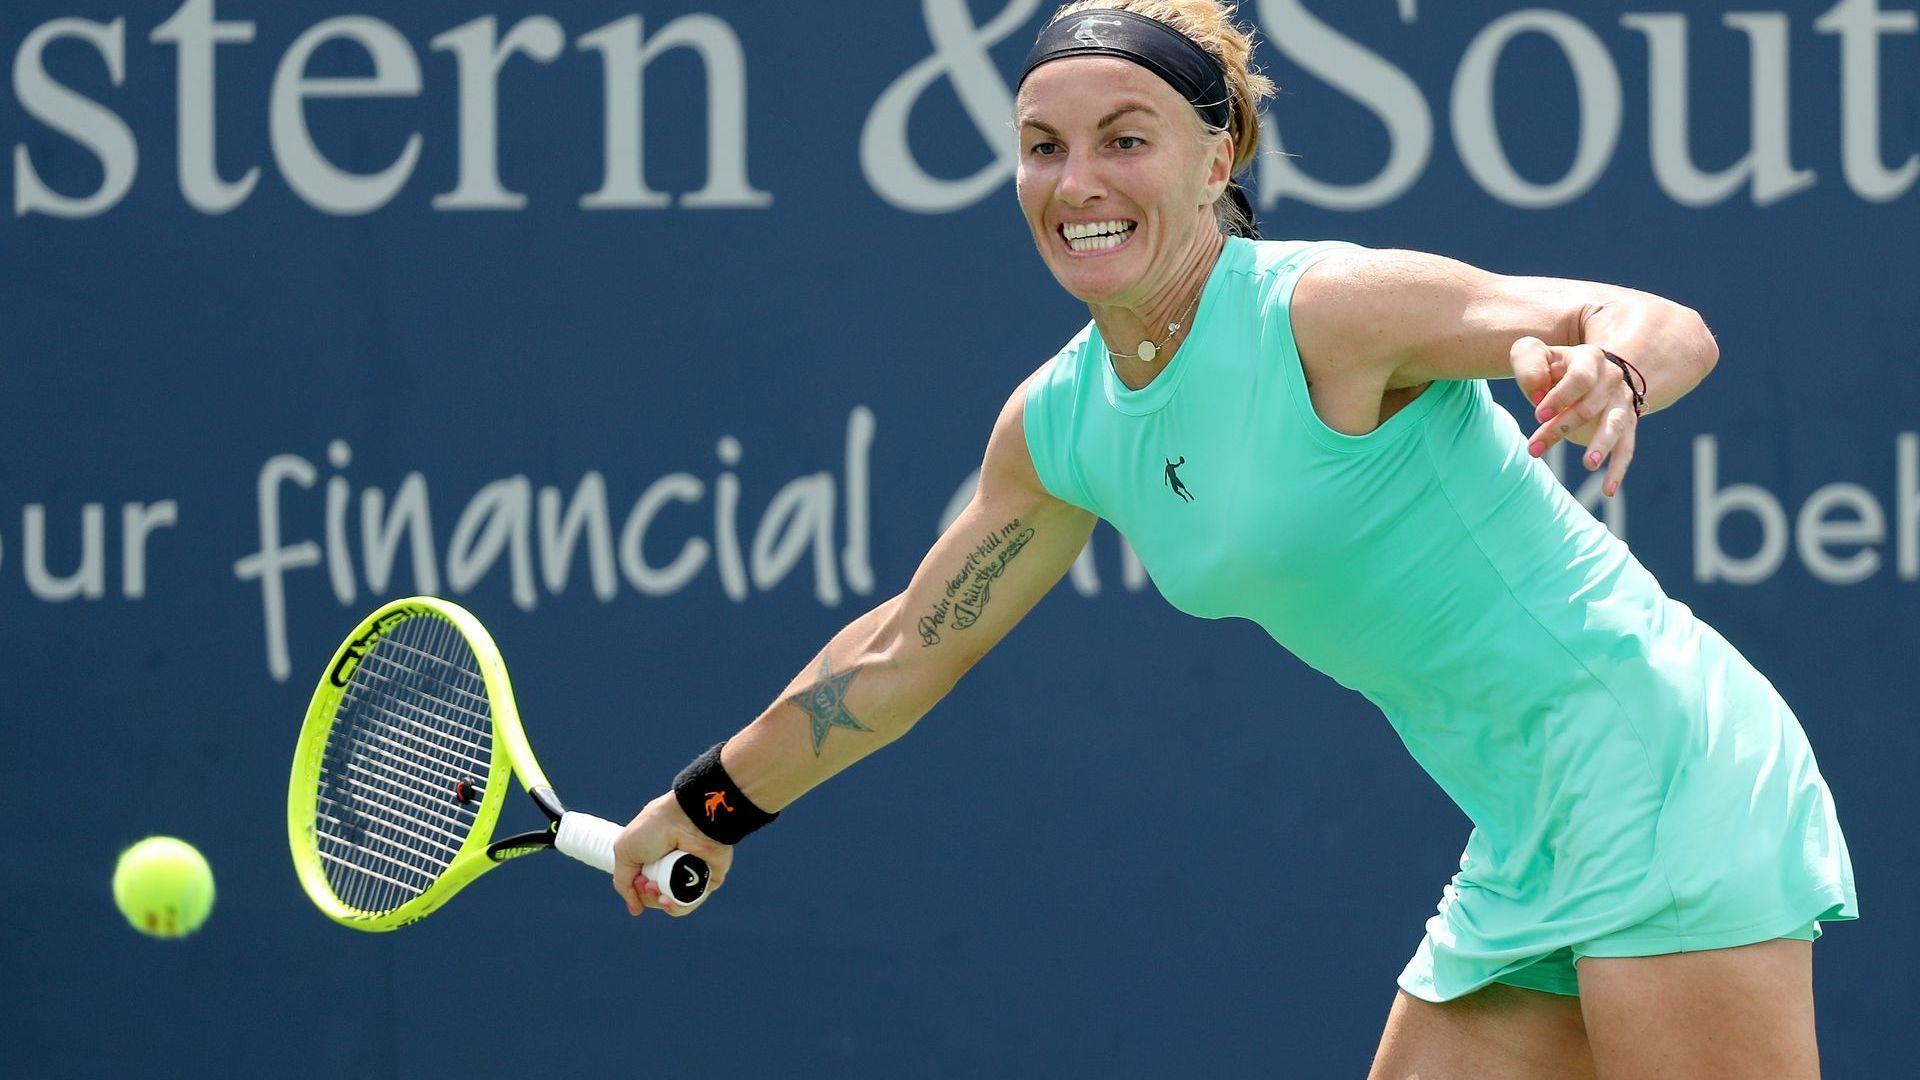 Руска шампионка: Женският тенис стана скучен, не знам дори кои са в топ 10